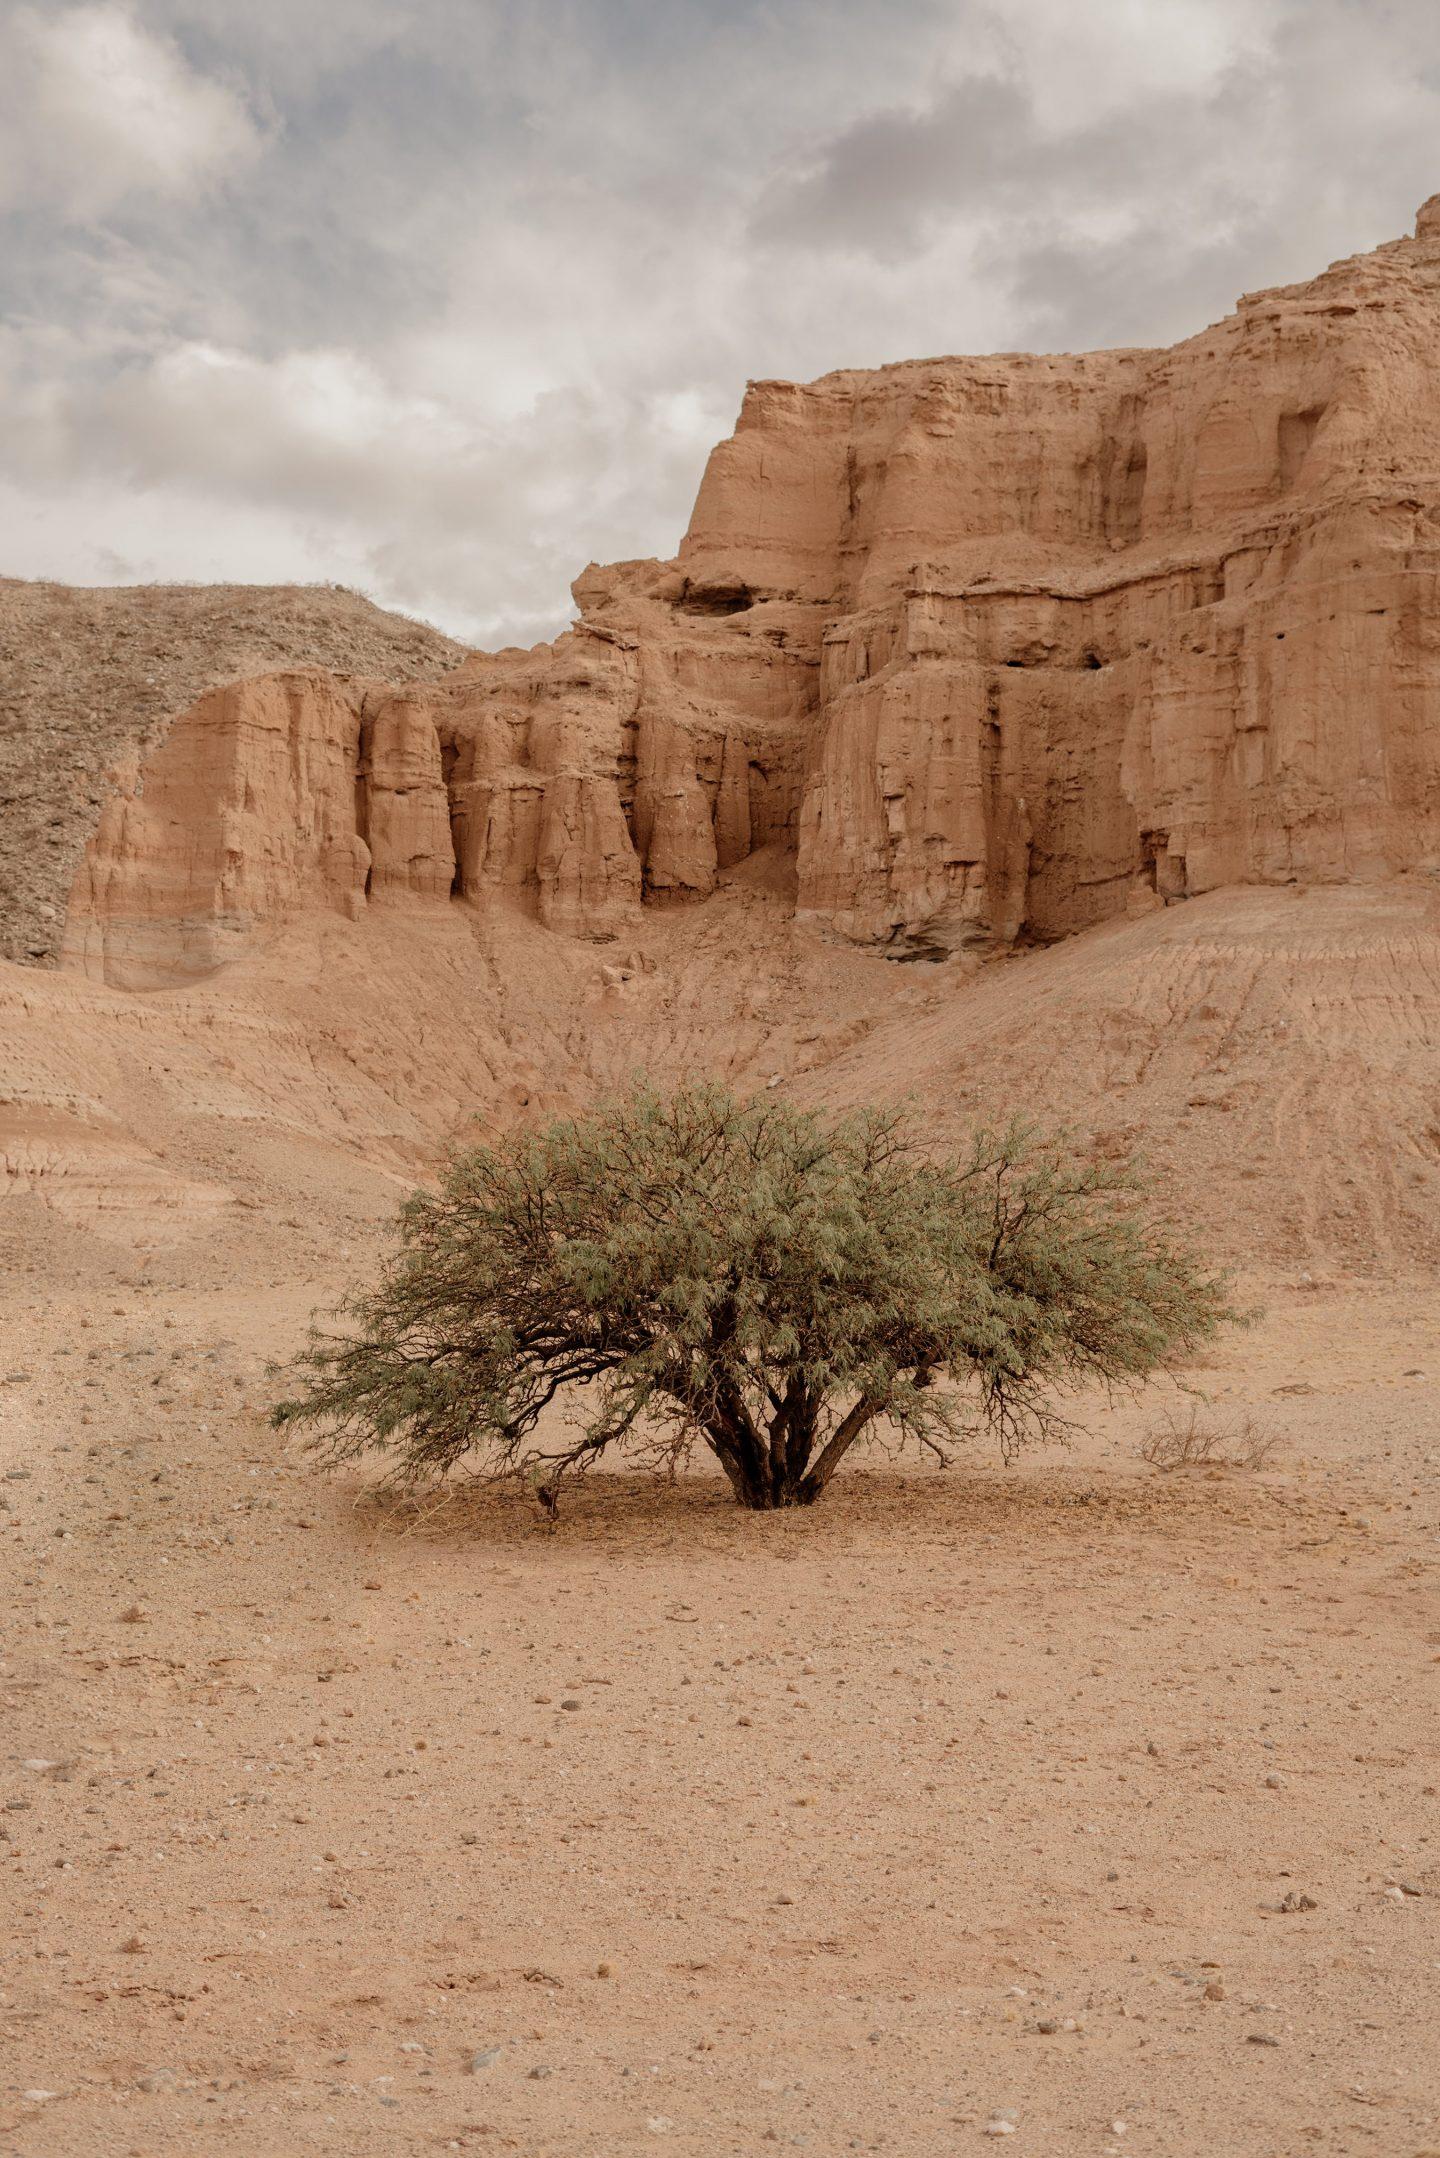 IGNANT-Photography-Landscape-HoracioReyePaez-1